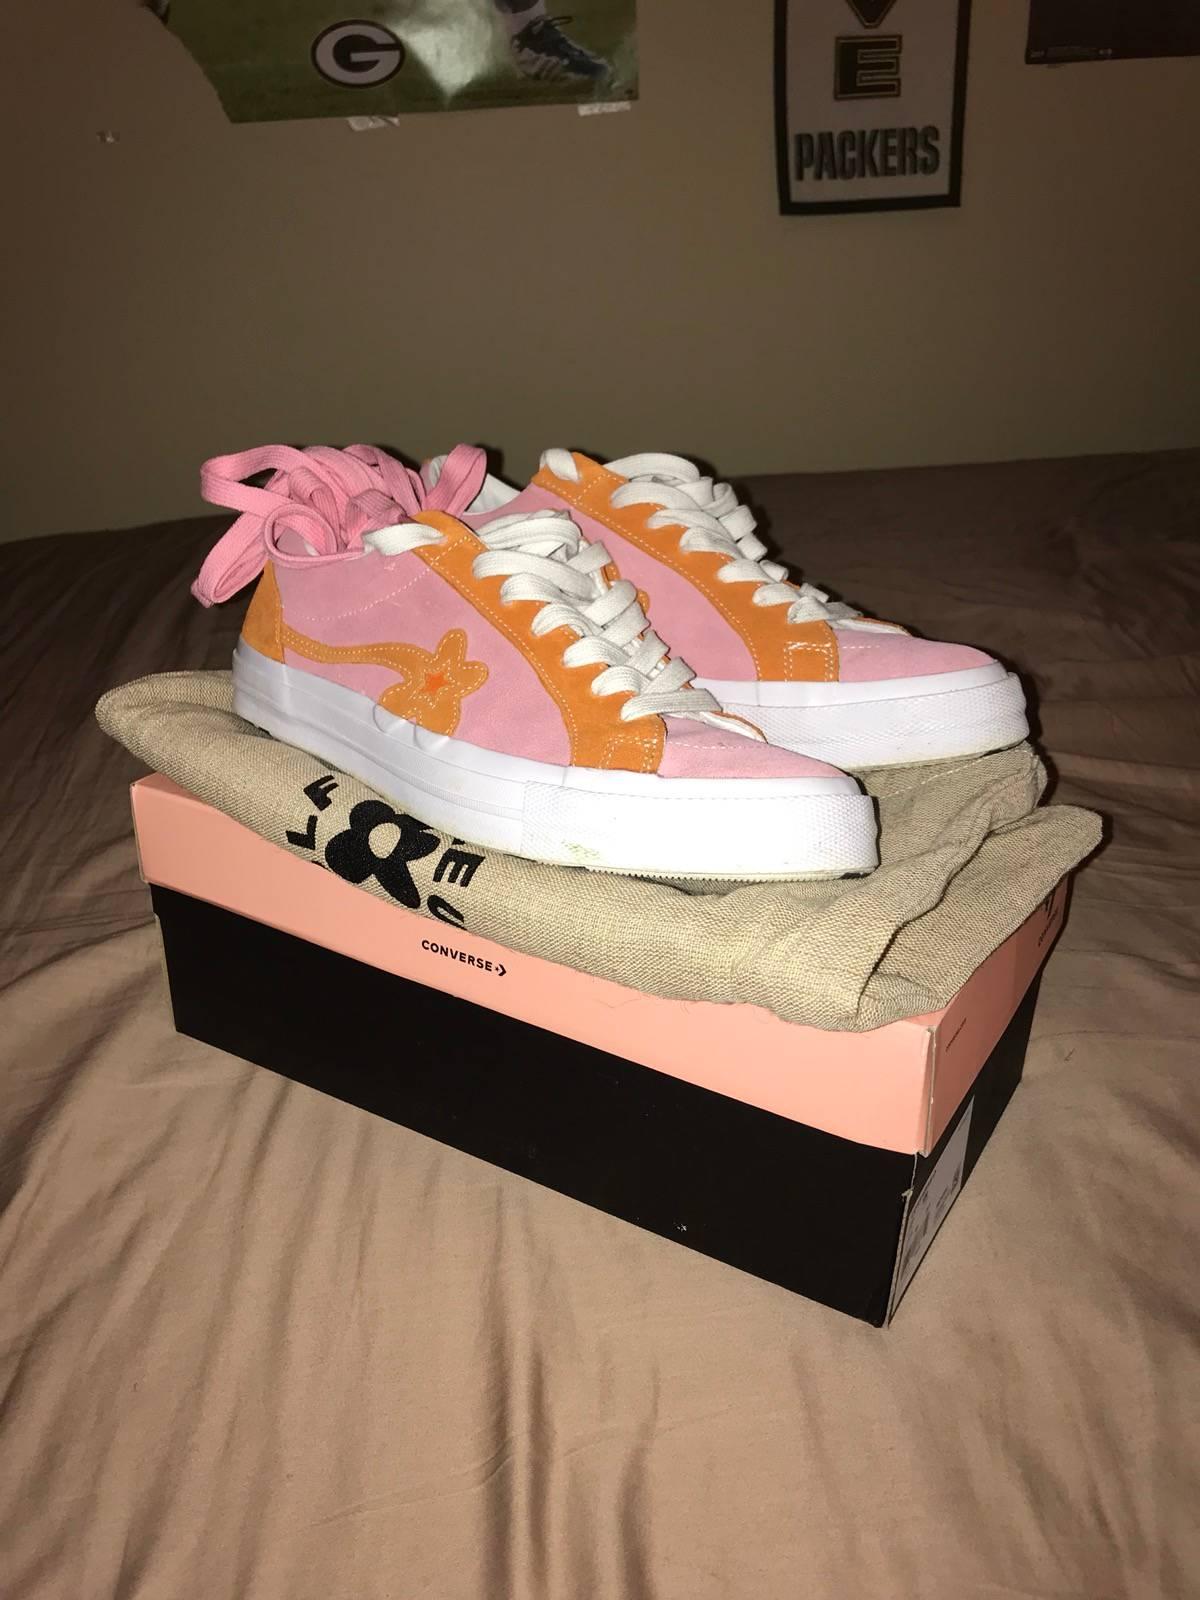 Converse Converse Golf Le Fleur Pink Orange Shoes Grailed